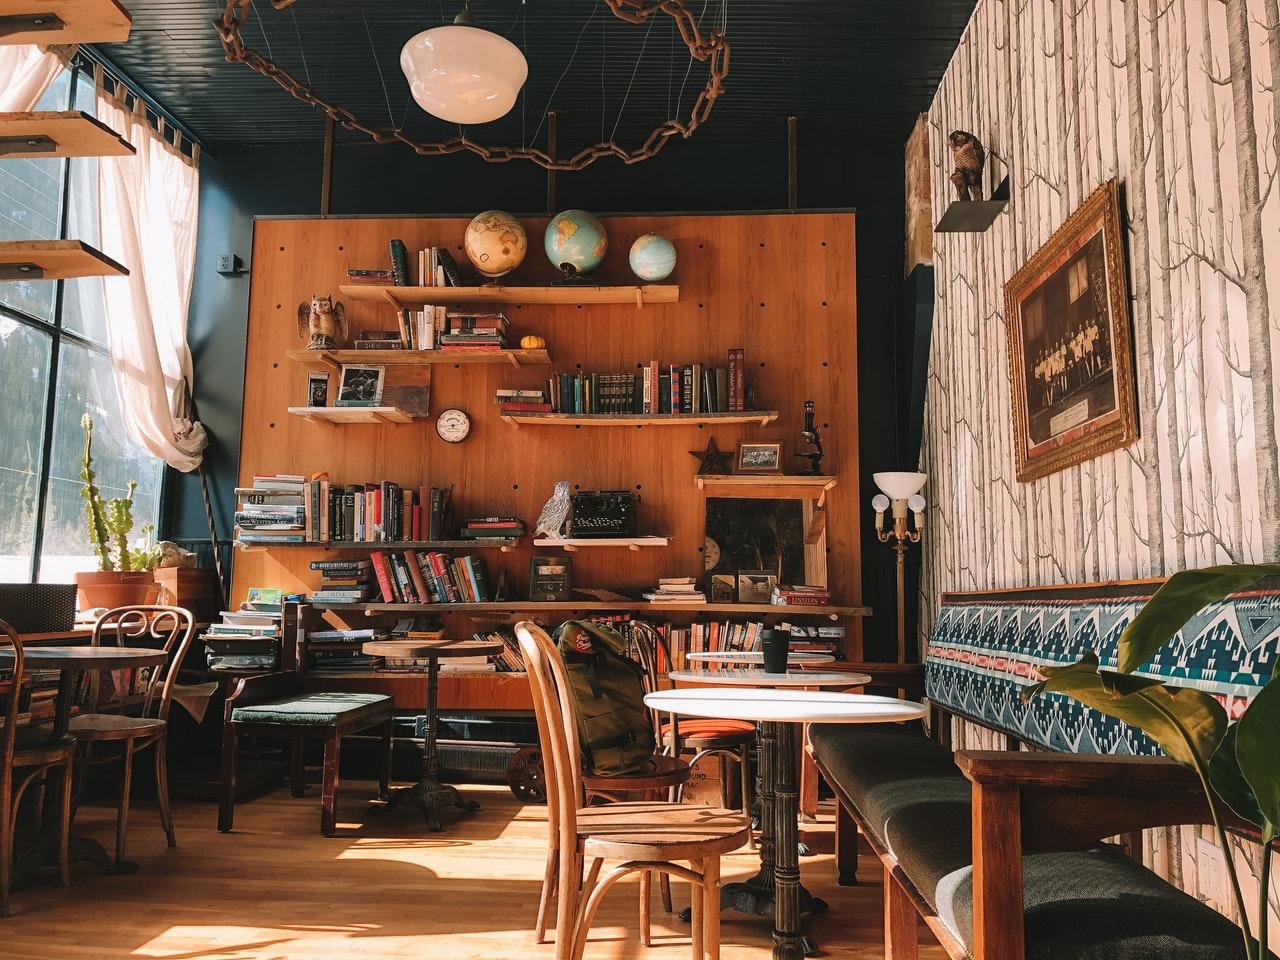 Top những mẫu kệ trang trí quán trà sữa thiết kế độc đáo